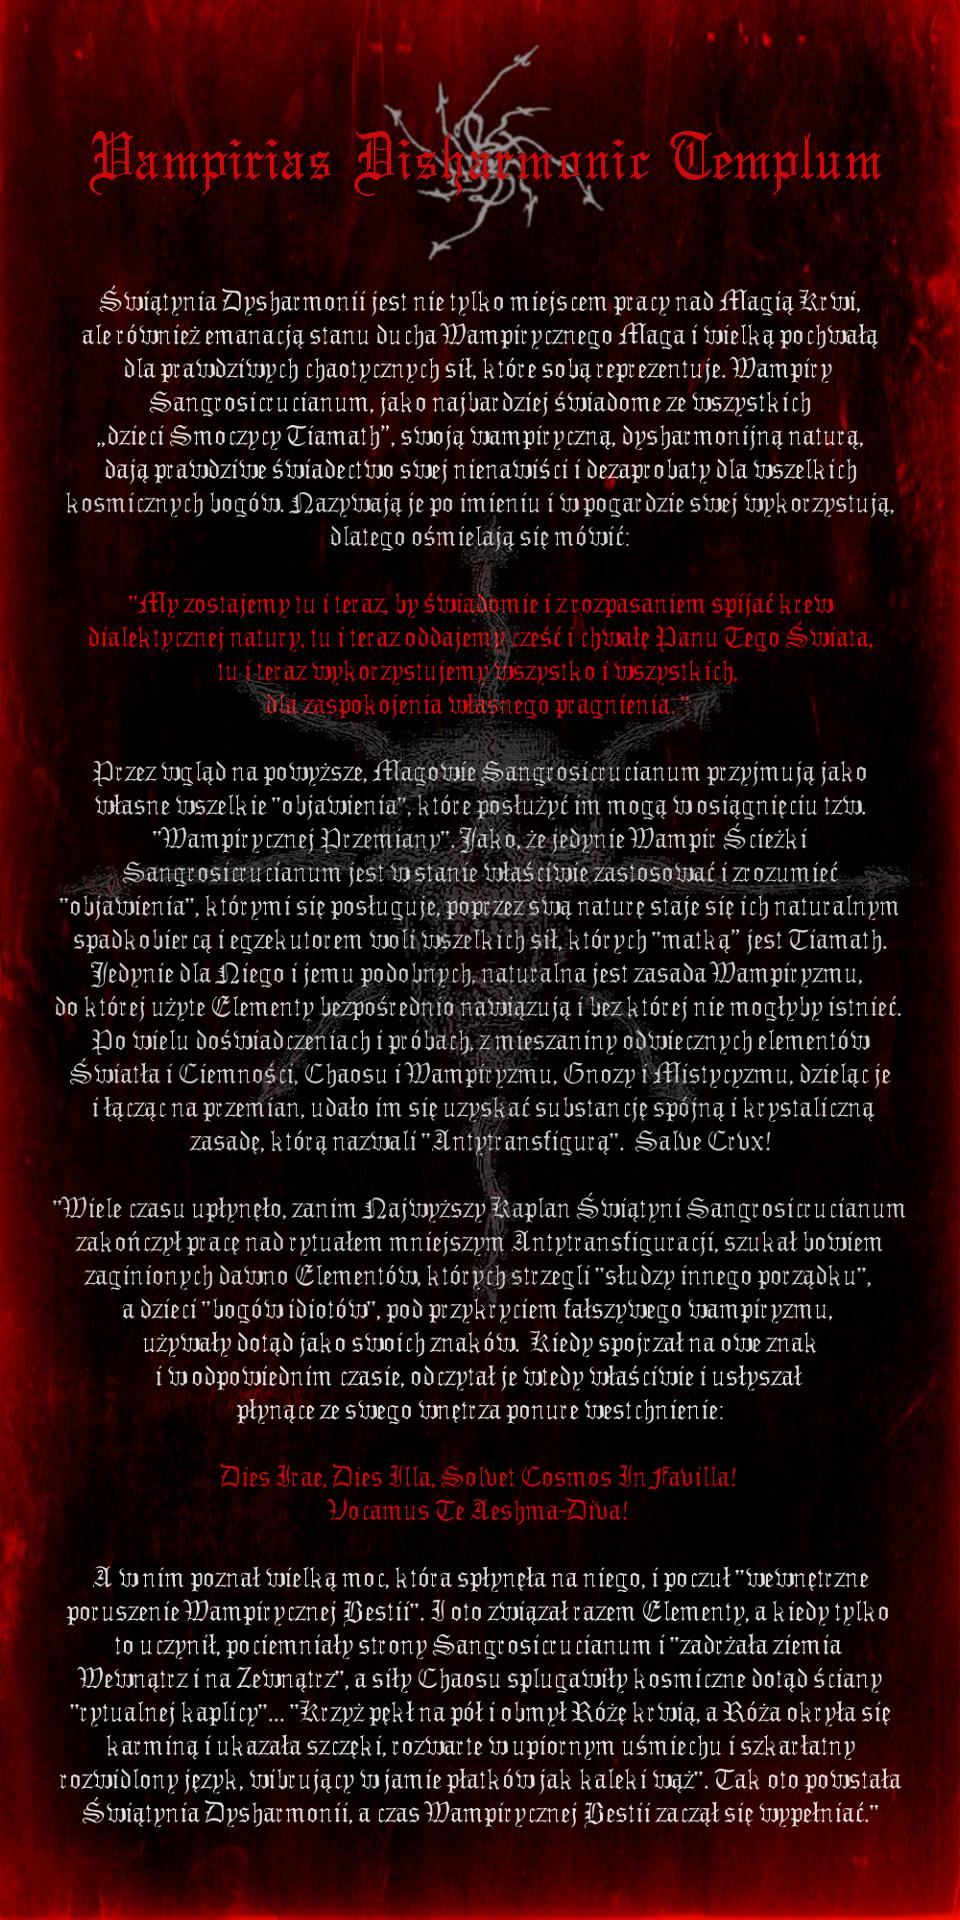 Vampirias Disharmonic Templum